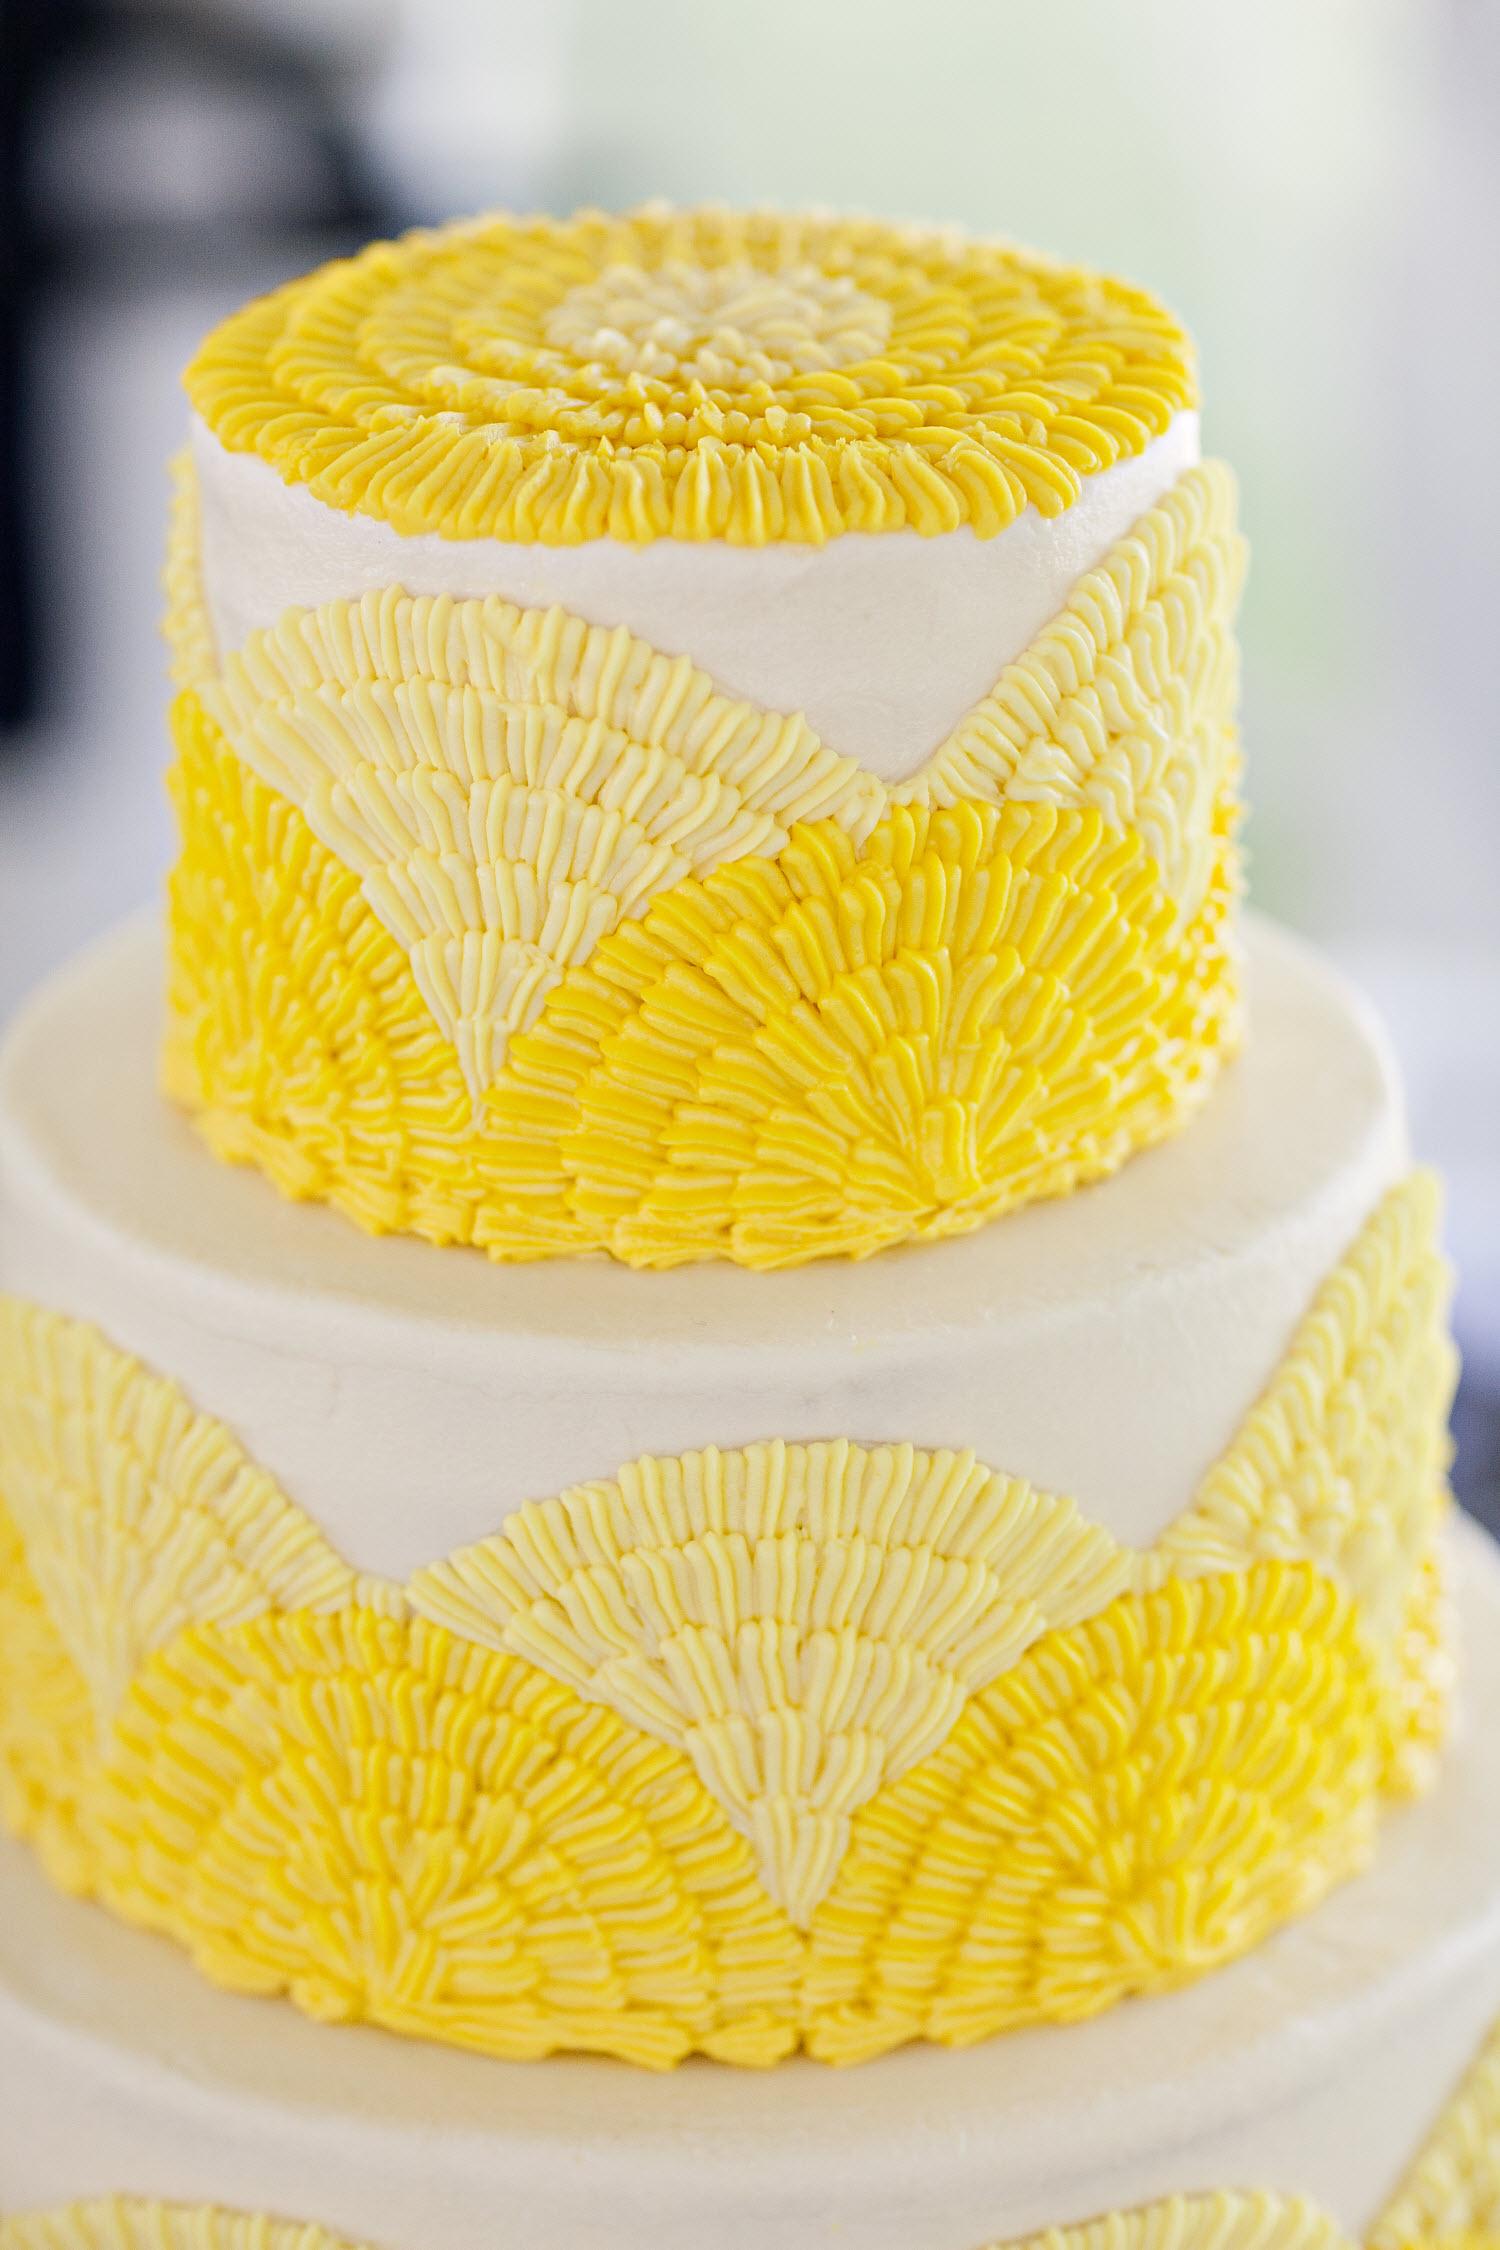 Bright yellow and white classic wedding cake | OneWed.com